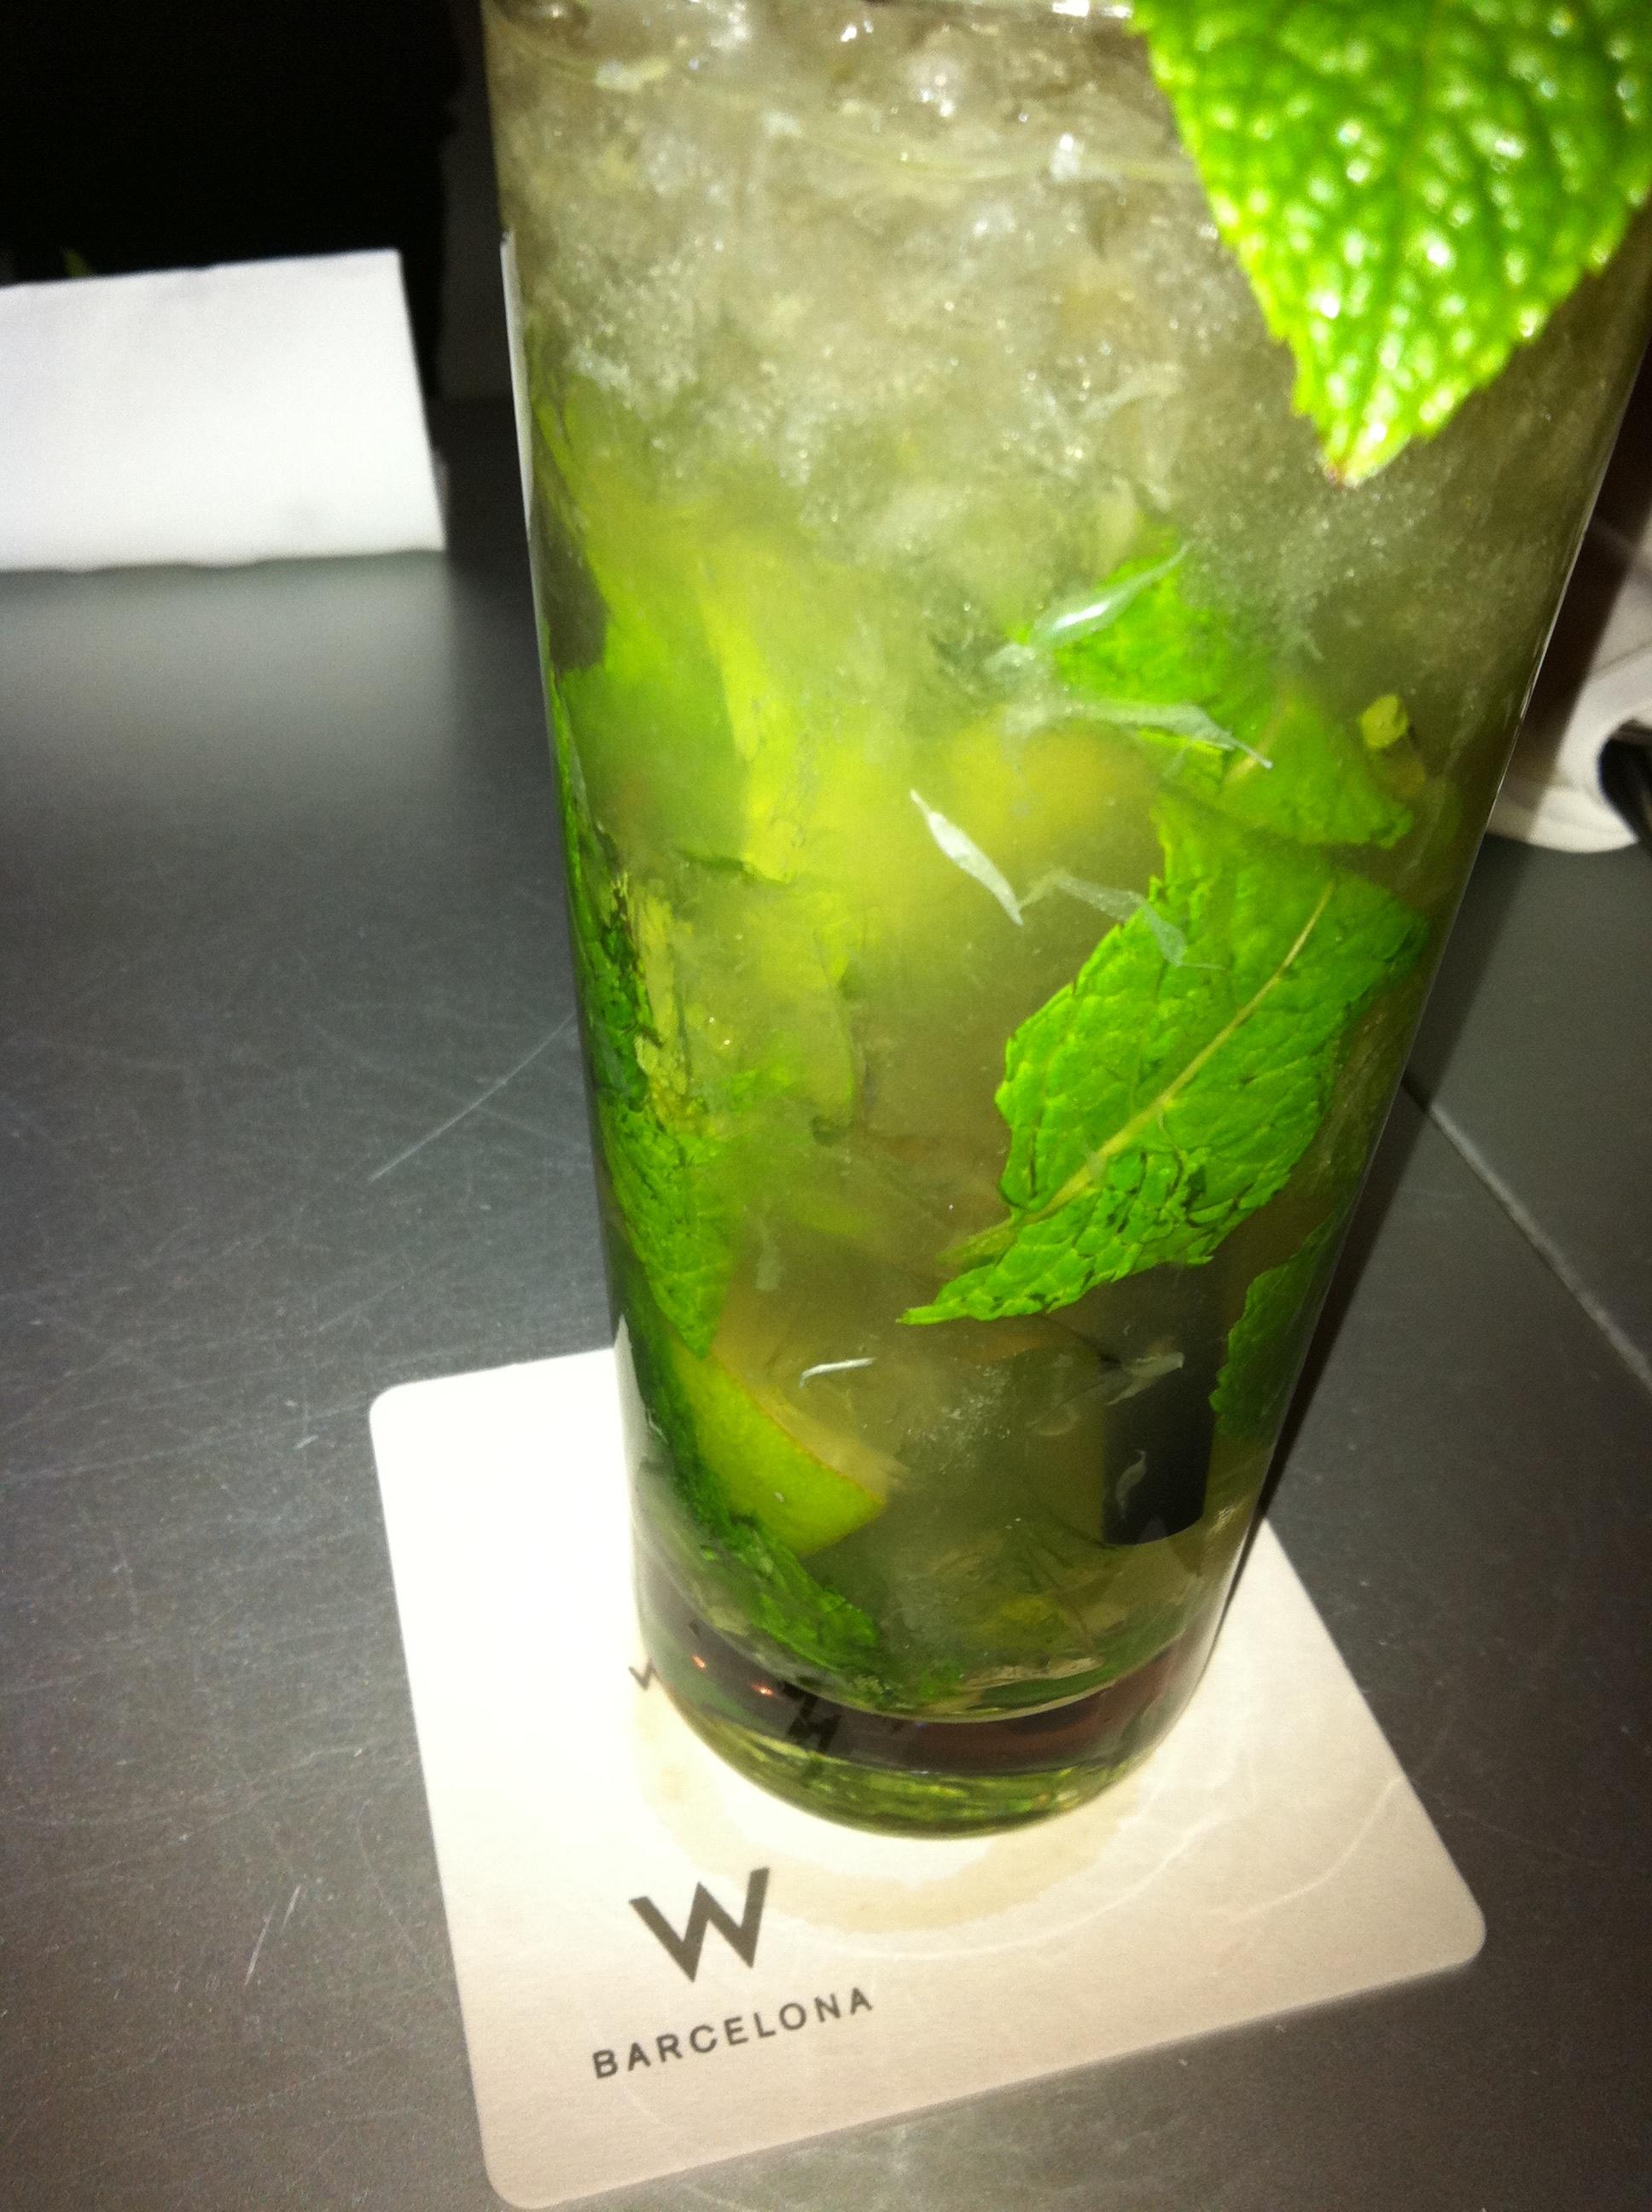 limonada decenta, dar nu spectaculoasa, am baut in Atelier . La ...